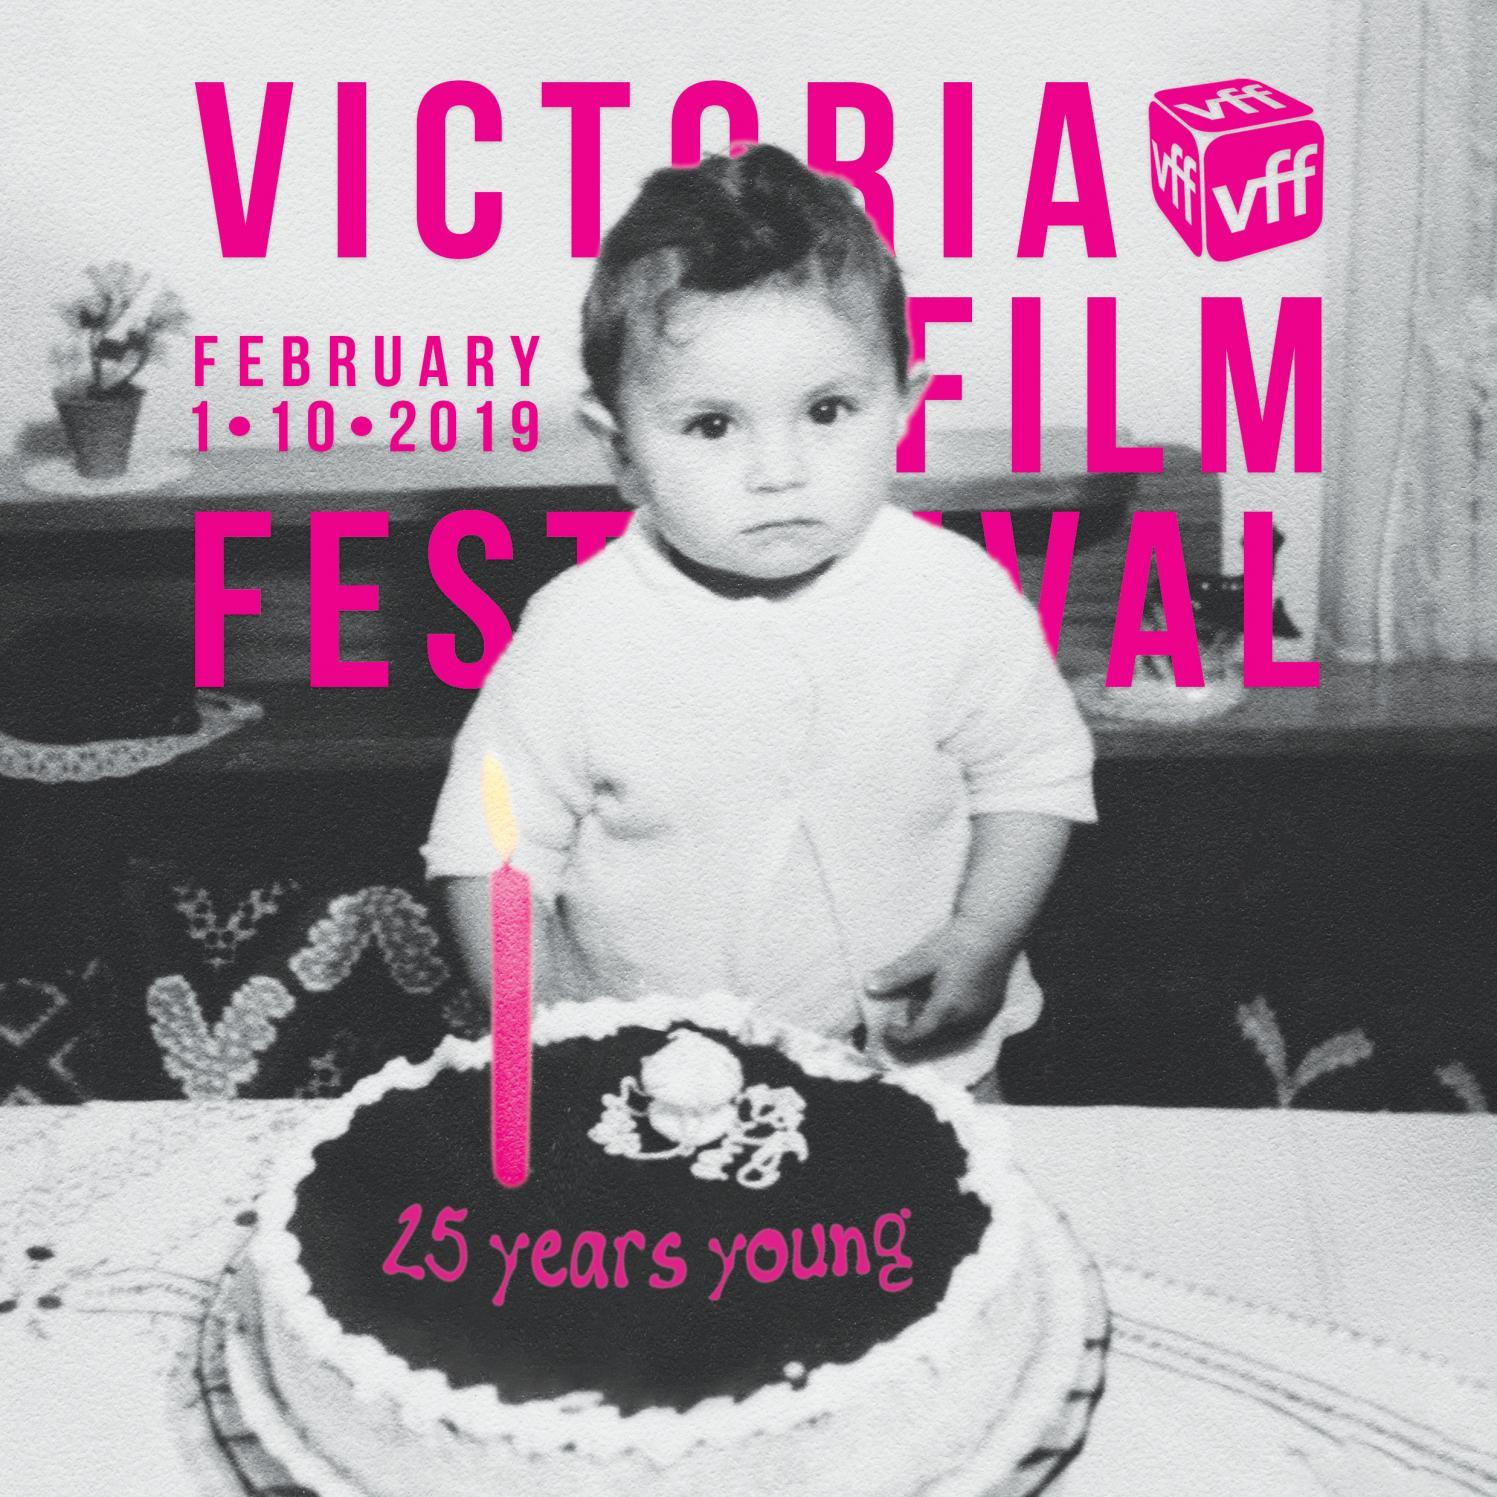 2019 Victoria Film Festival Program Guide by Victoria Film Festival